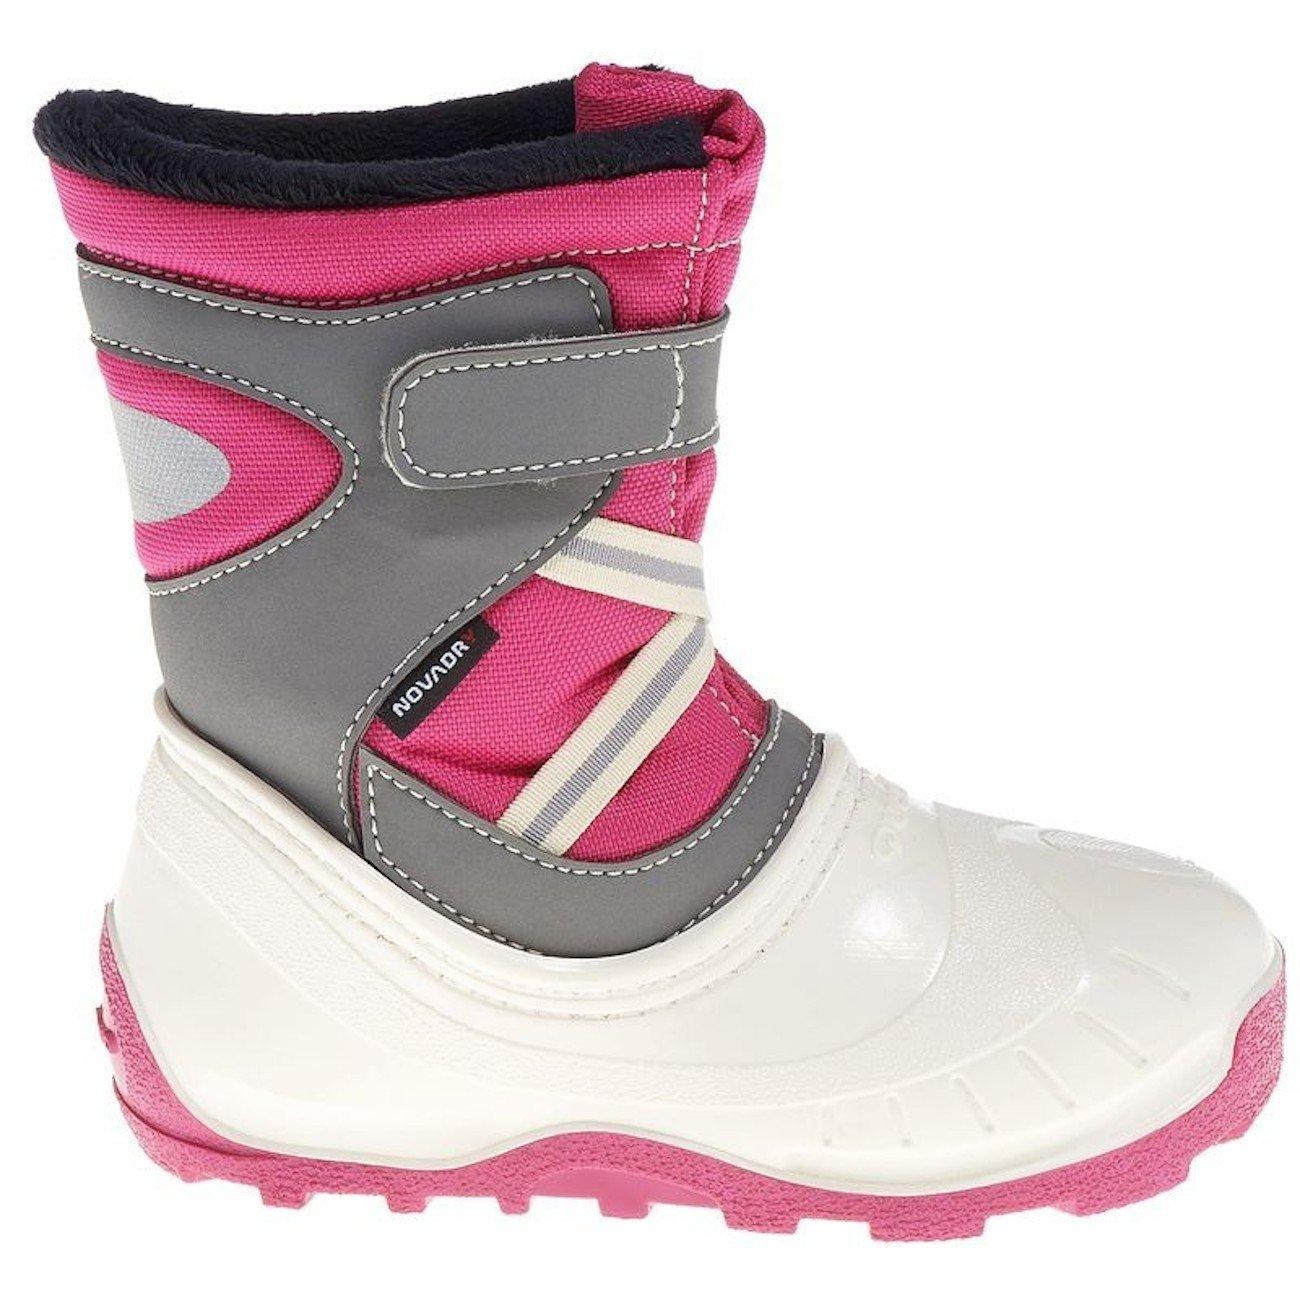 erstaunlicher Preis echte Schuhe gut aus x Quechua *Tricolor Baby* 1721354 Kinder Stiefel Winterstiefel ...